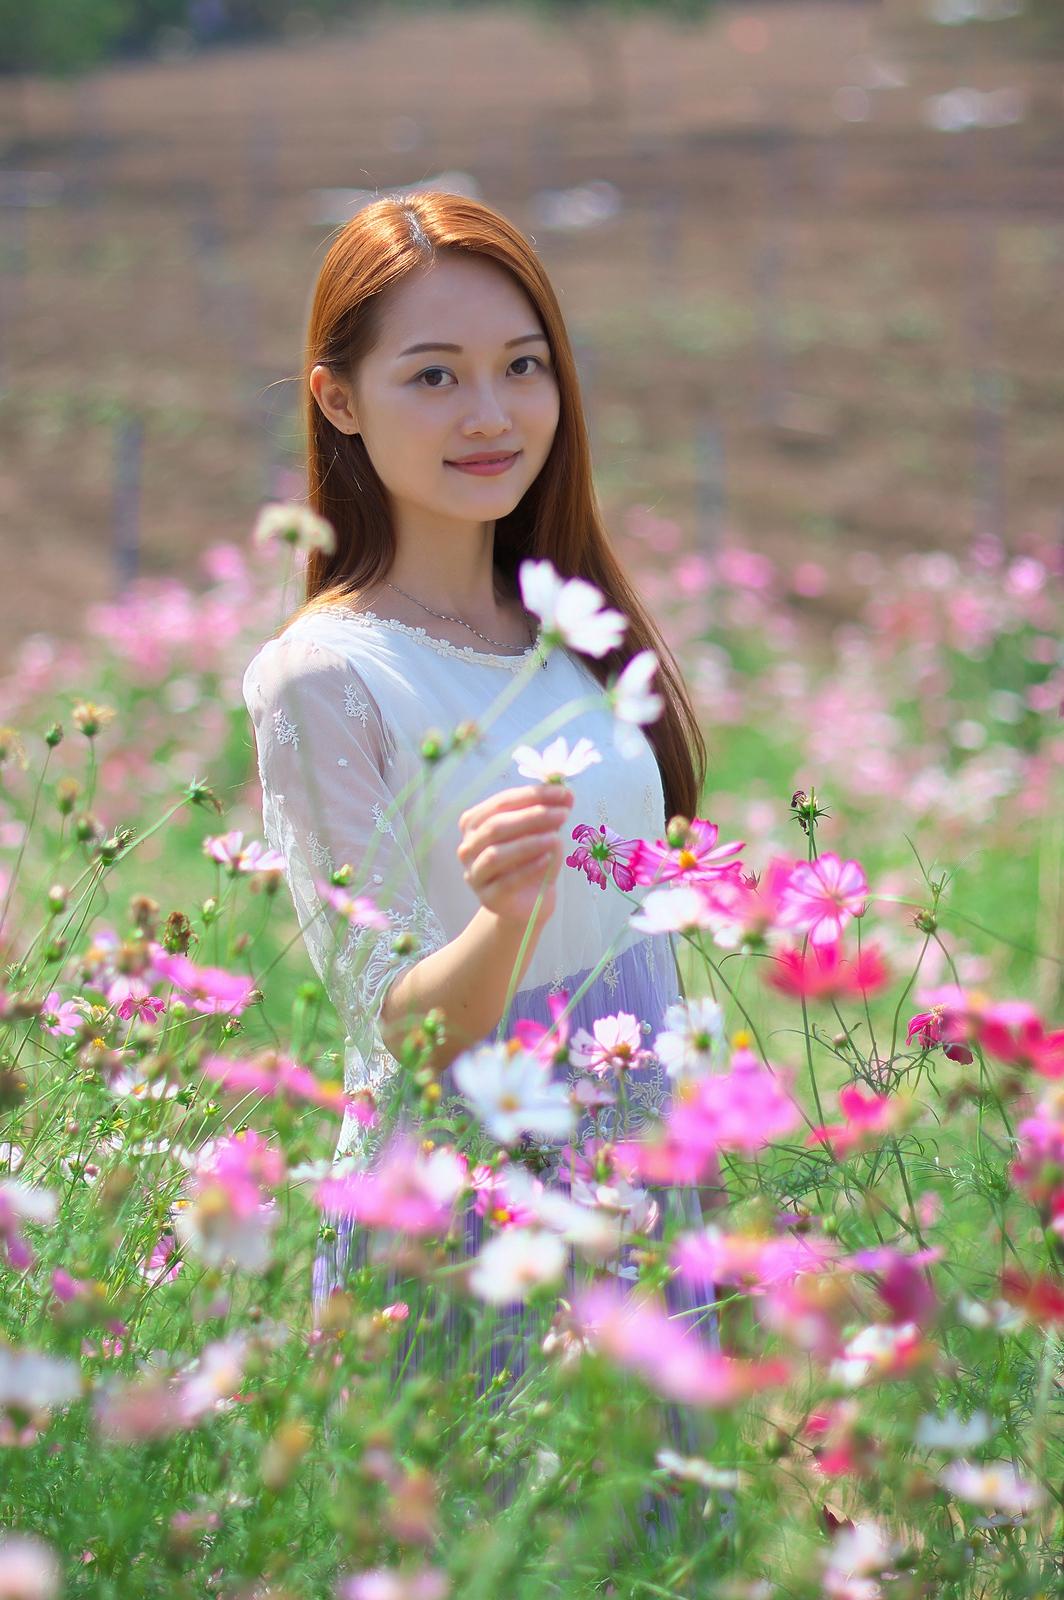 姑娘像花一样美 - 花開有聲 - 花開有聲